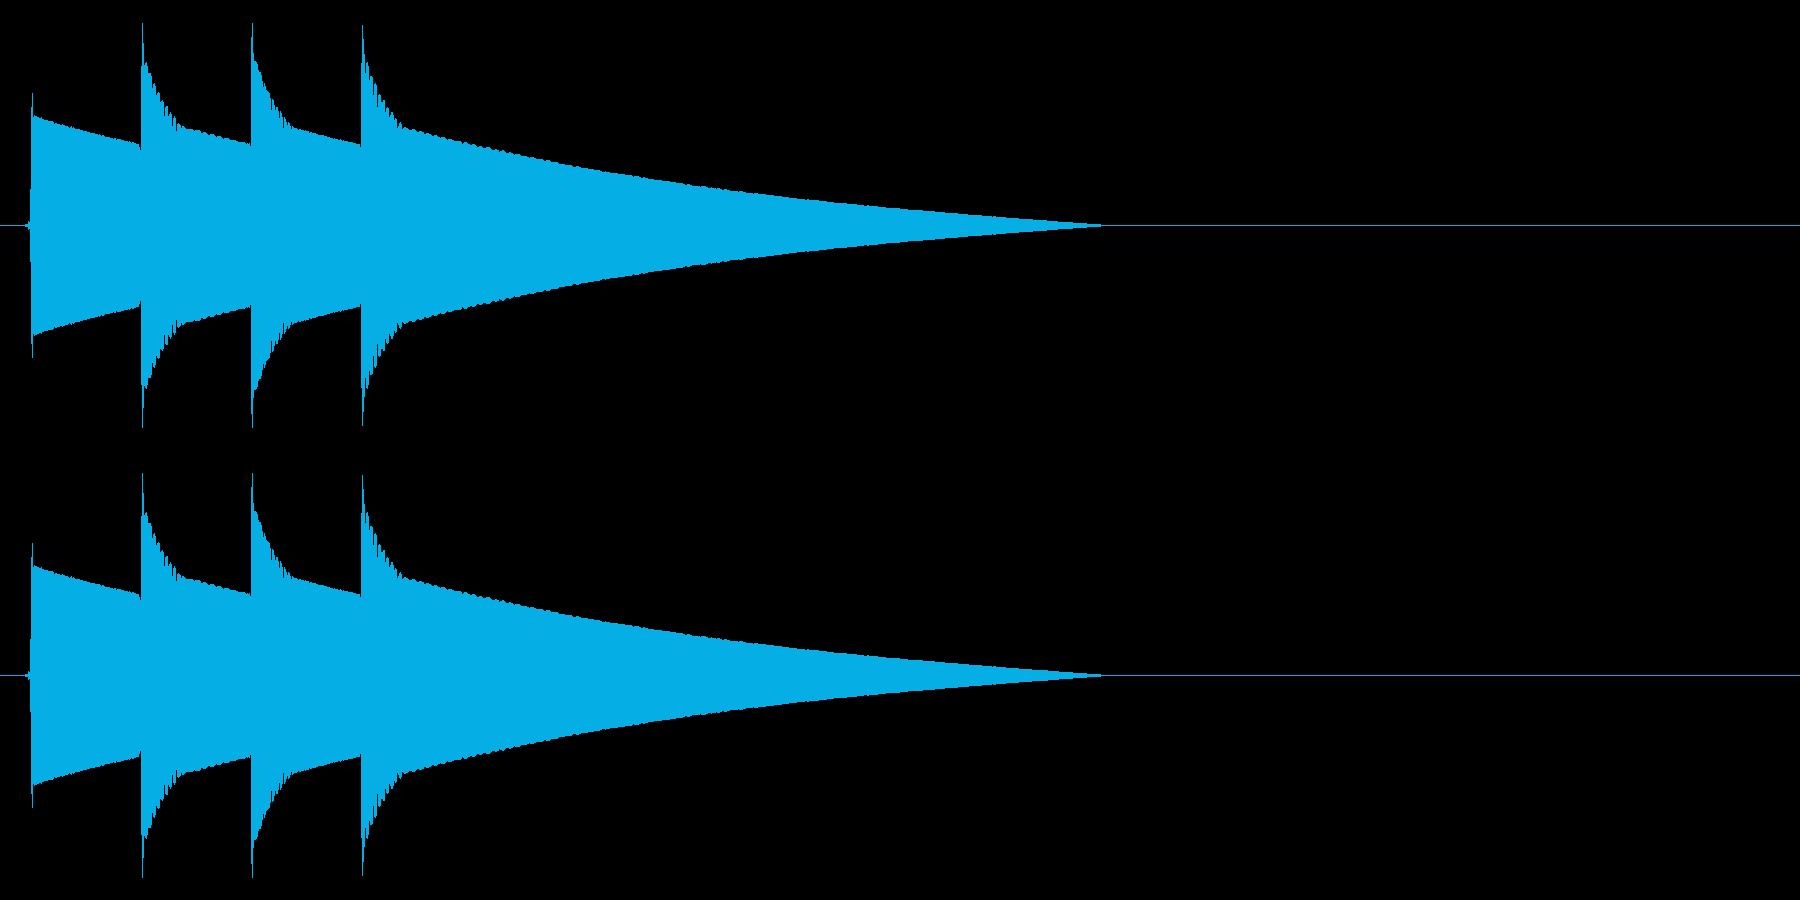 ピポピポーン(正解、高めの音)の再生済みの波形